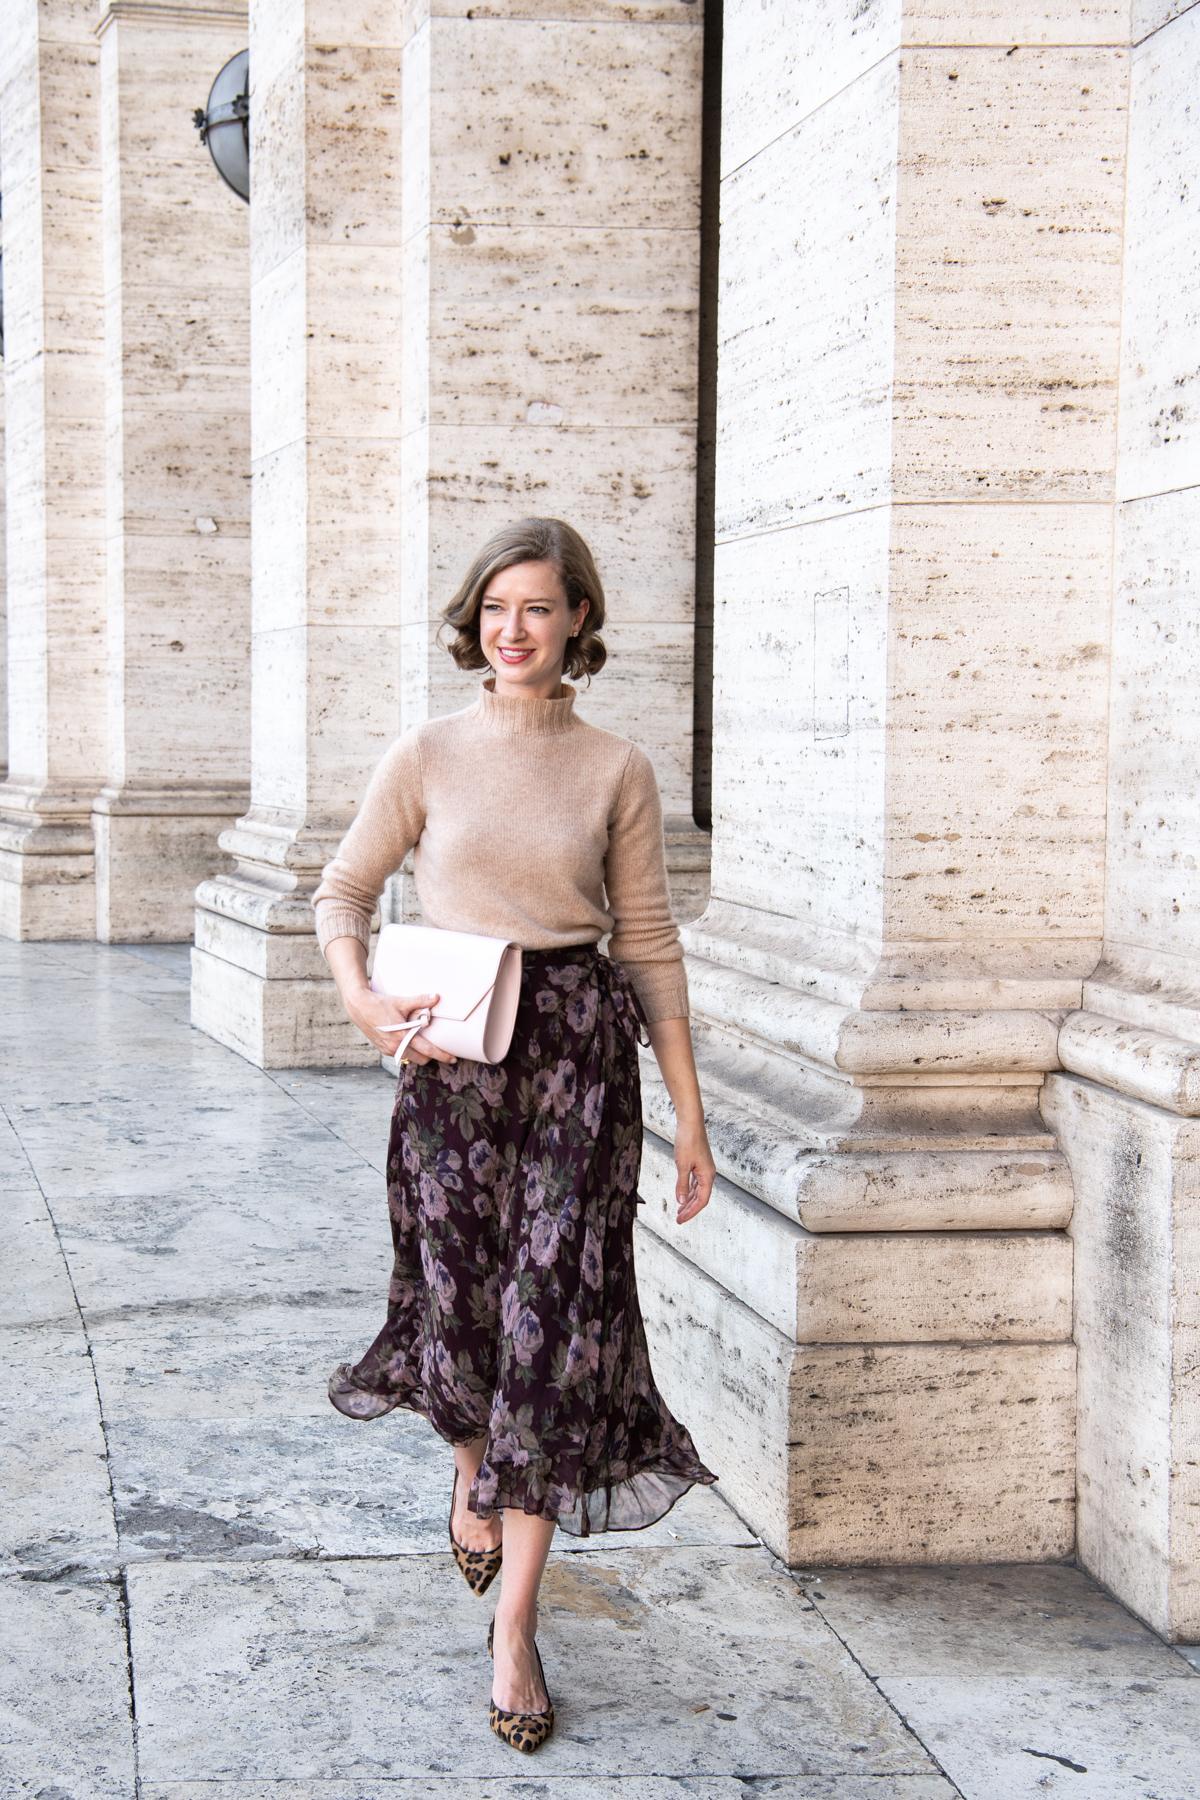 48 Hours in Rome x Stacie Flinner-14-1.jpg